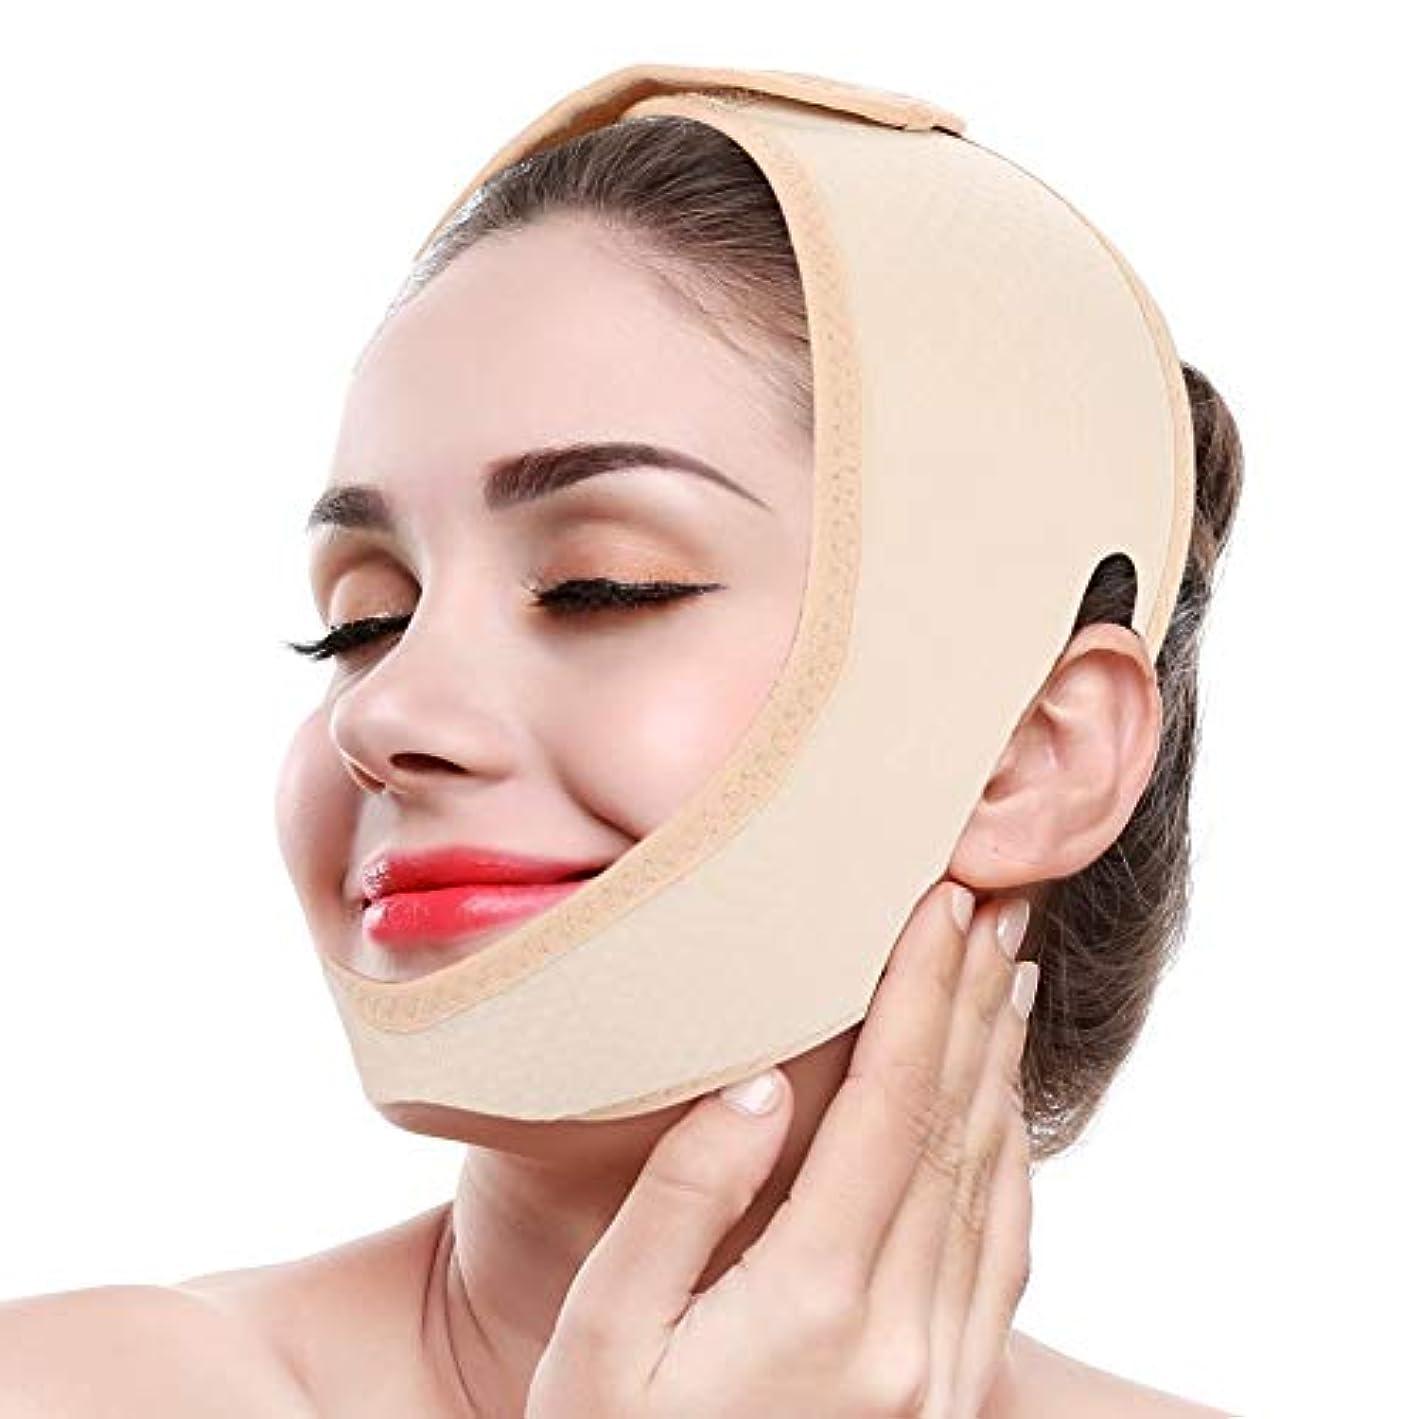 スクラッチ長くする衣類Vラインマスク、フェイスリフトバンドフェイシャルスリミングダブルチンストラップ減量ベルトスキンケアチンリフティングファーミングラップ